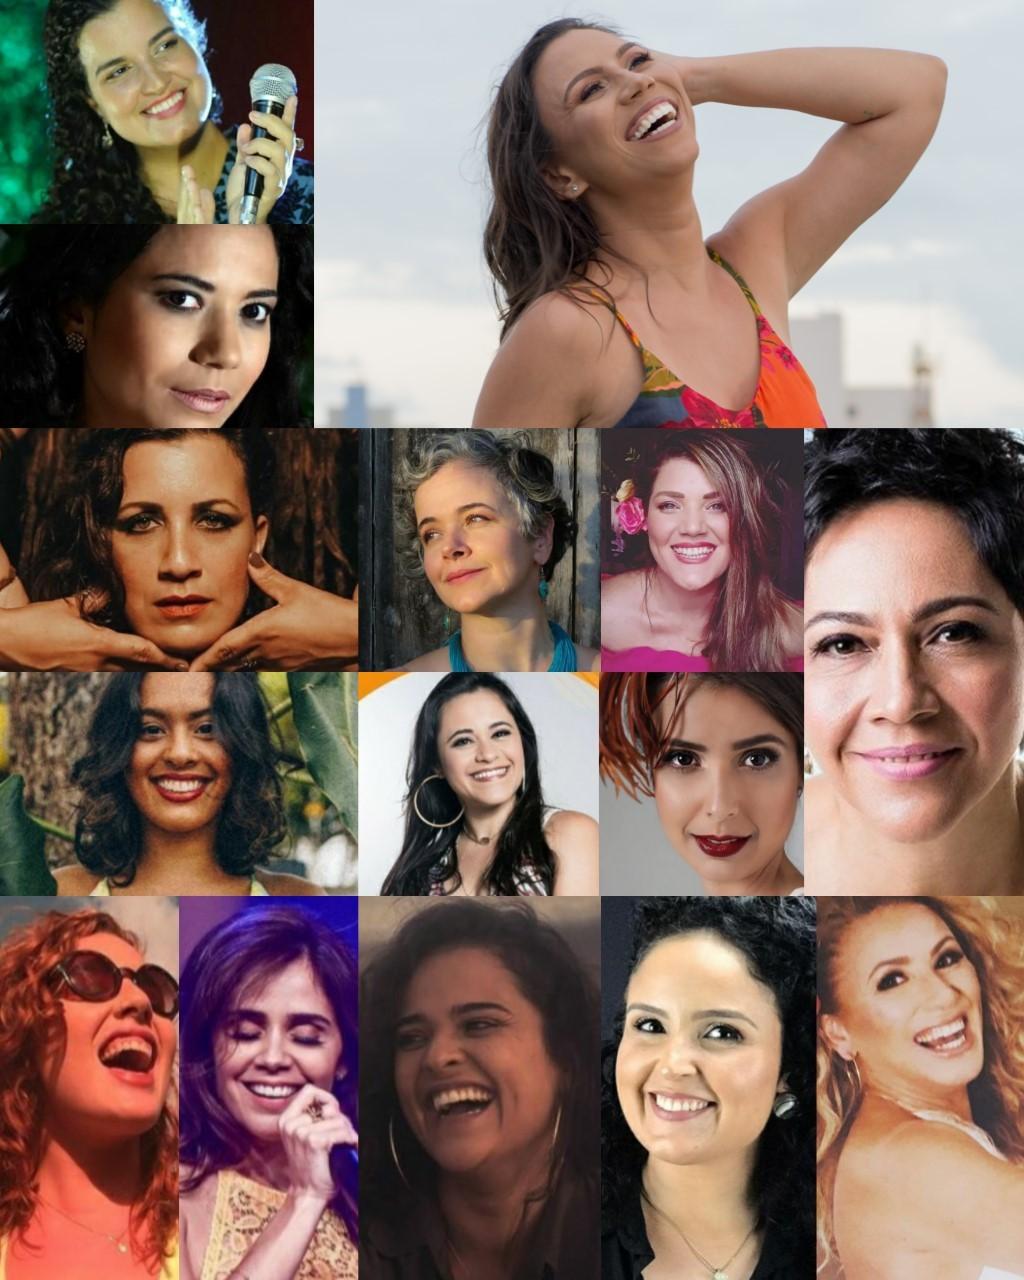 Quinze cantoras potiguares se reúnem em clipe 'Somos de lua'